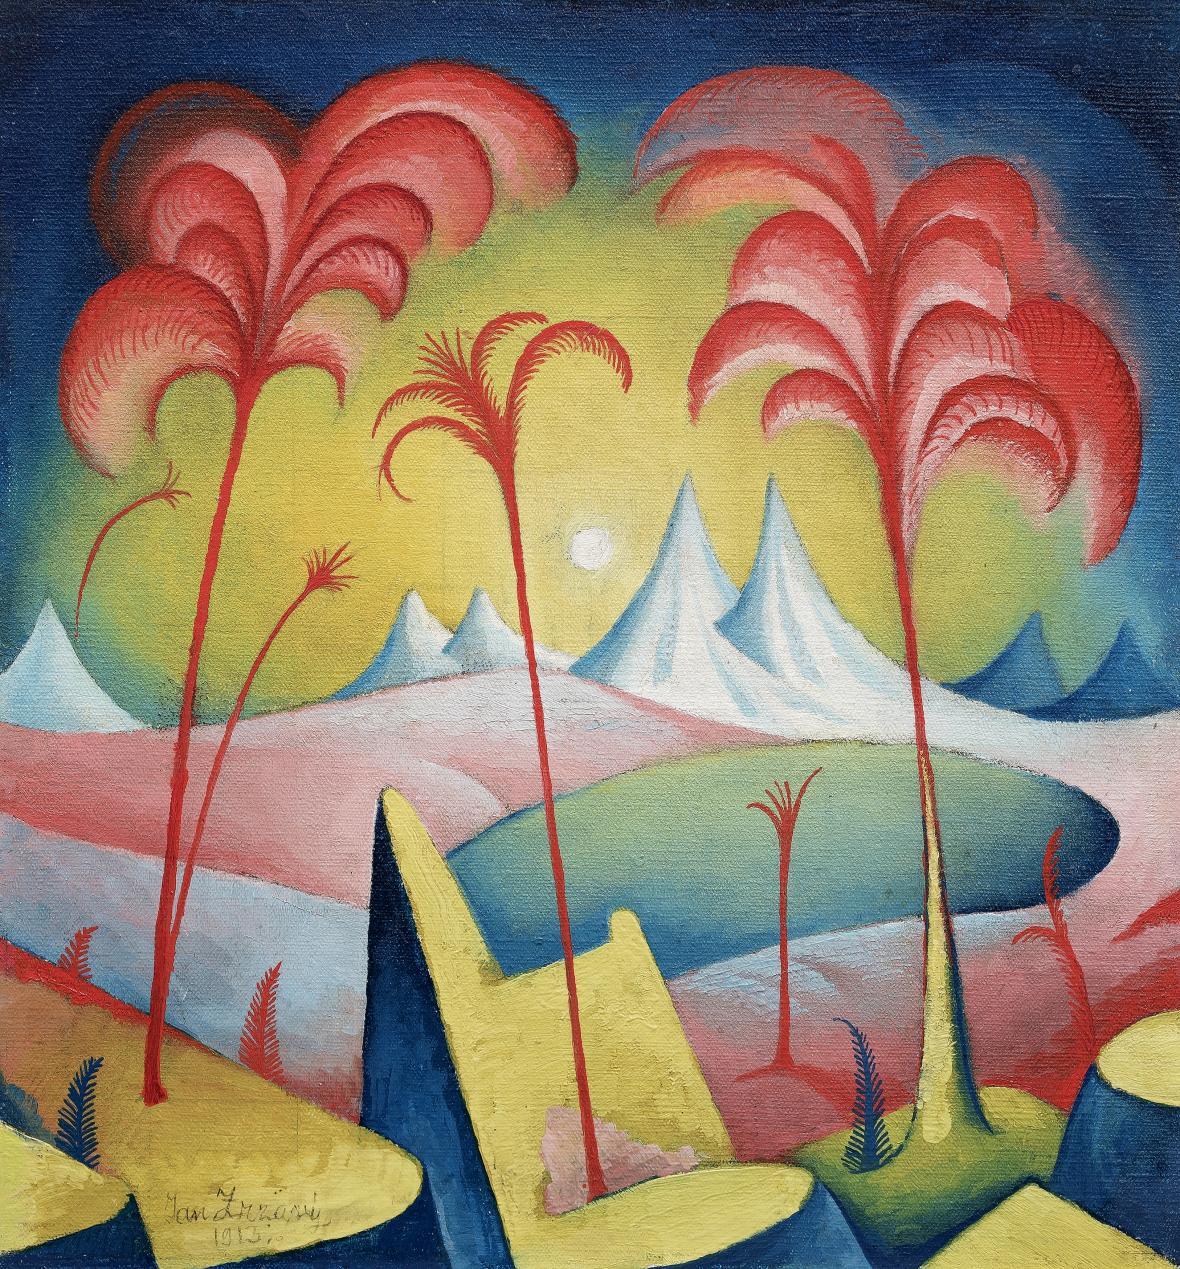 Jan Zrzavý / Fantastická krajina, 1913, olej na plátně, 48 x 63,5 cm, soukromá sbírka